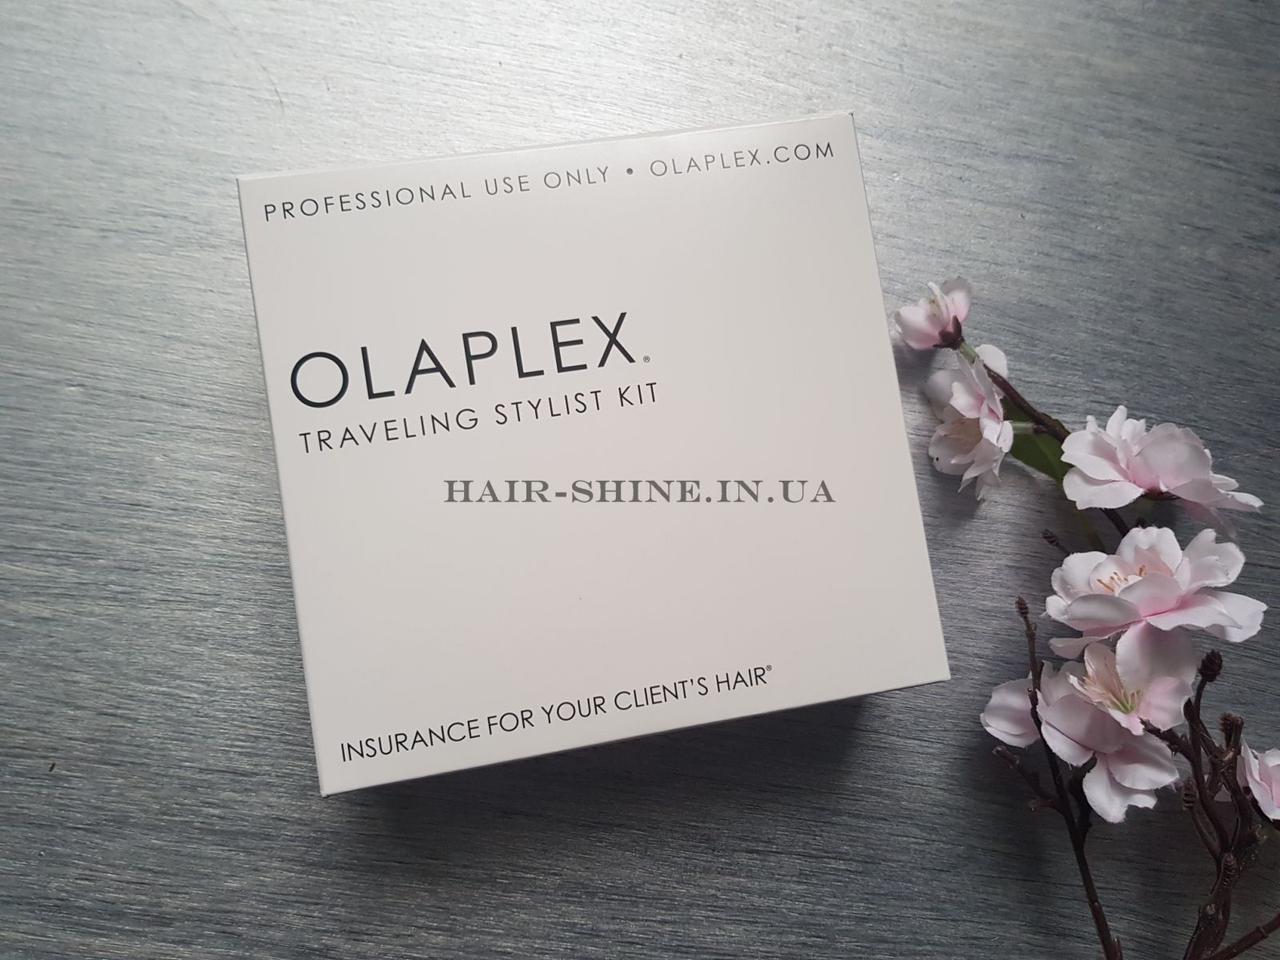 Набор для стилиста Олаплекс  -Olaplex Travel Stylist Kit набор для стилиста 1,2,2(3х100 мл)